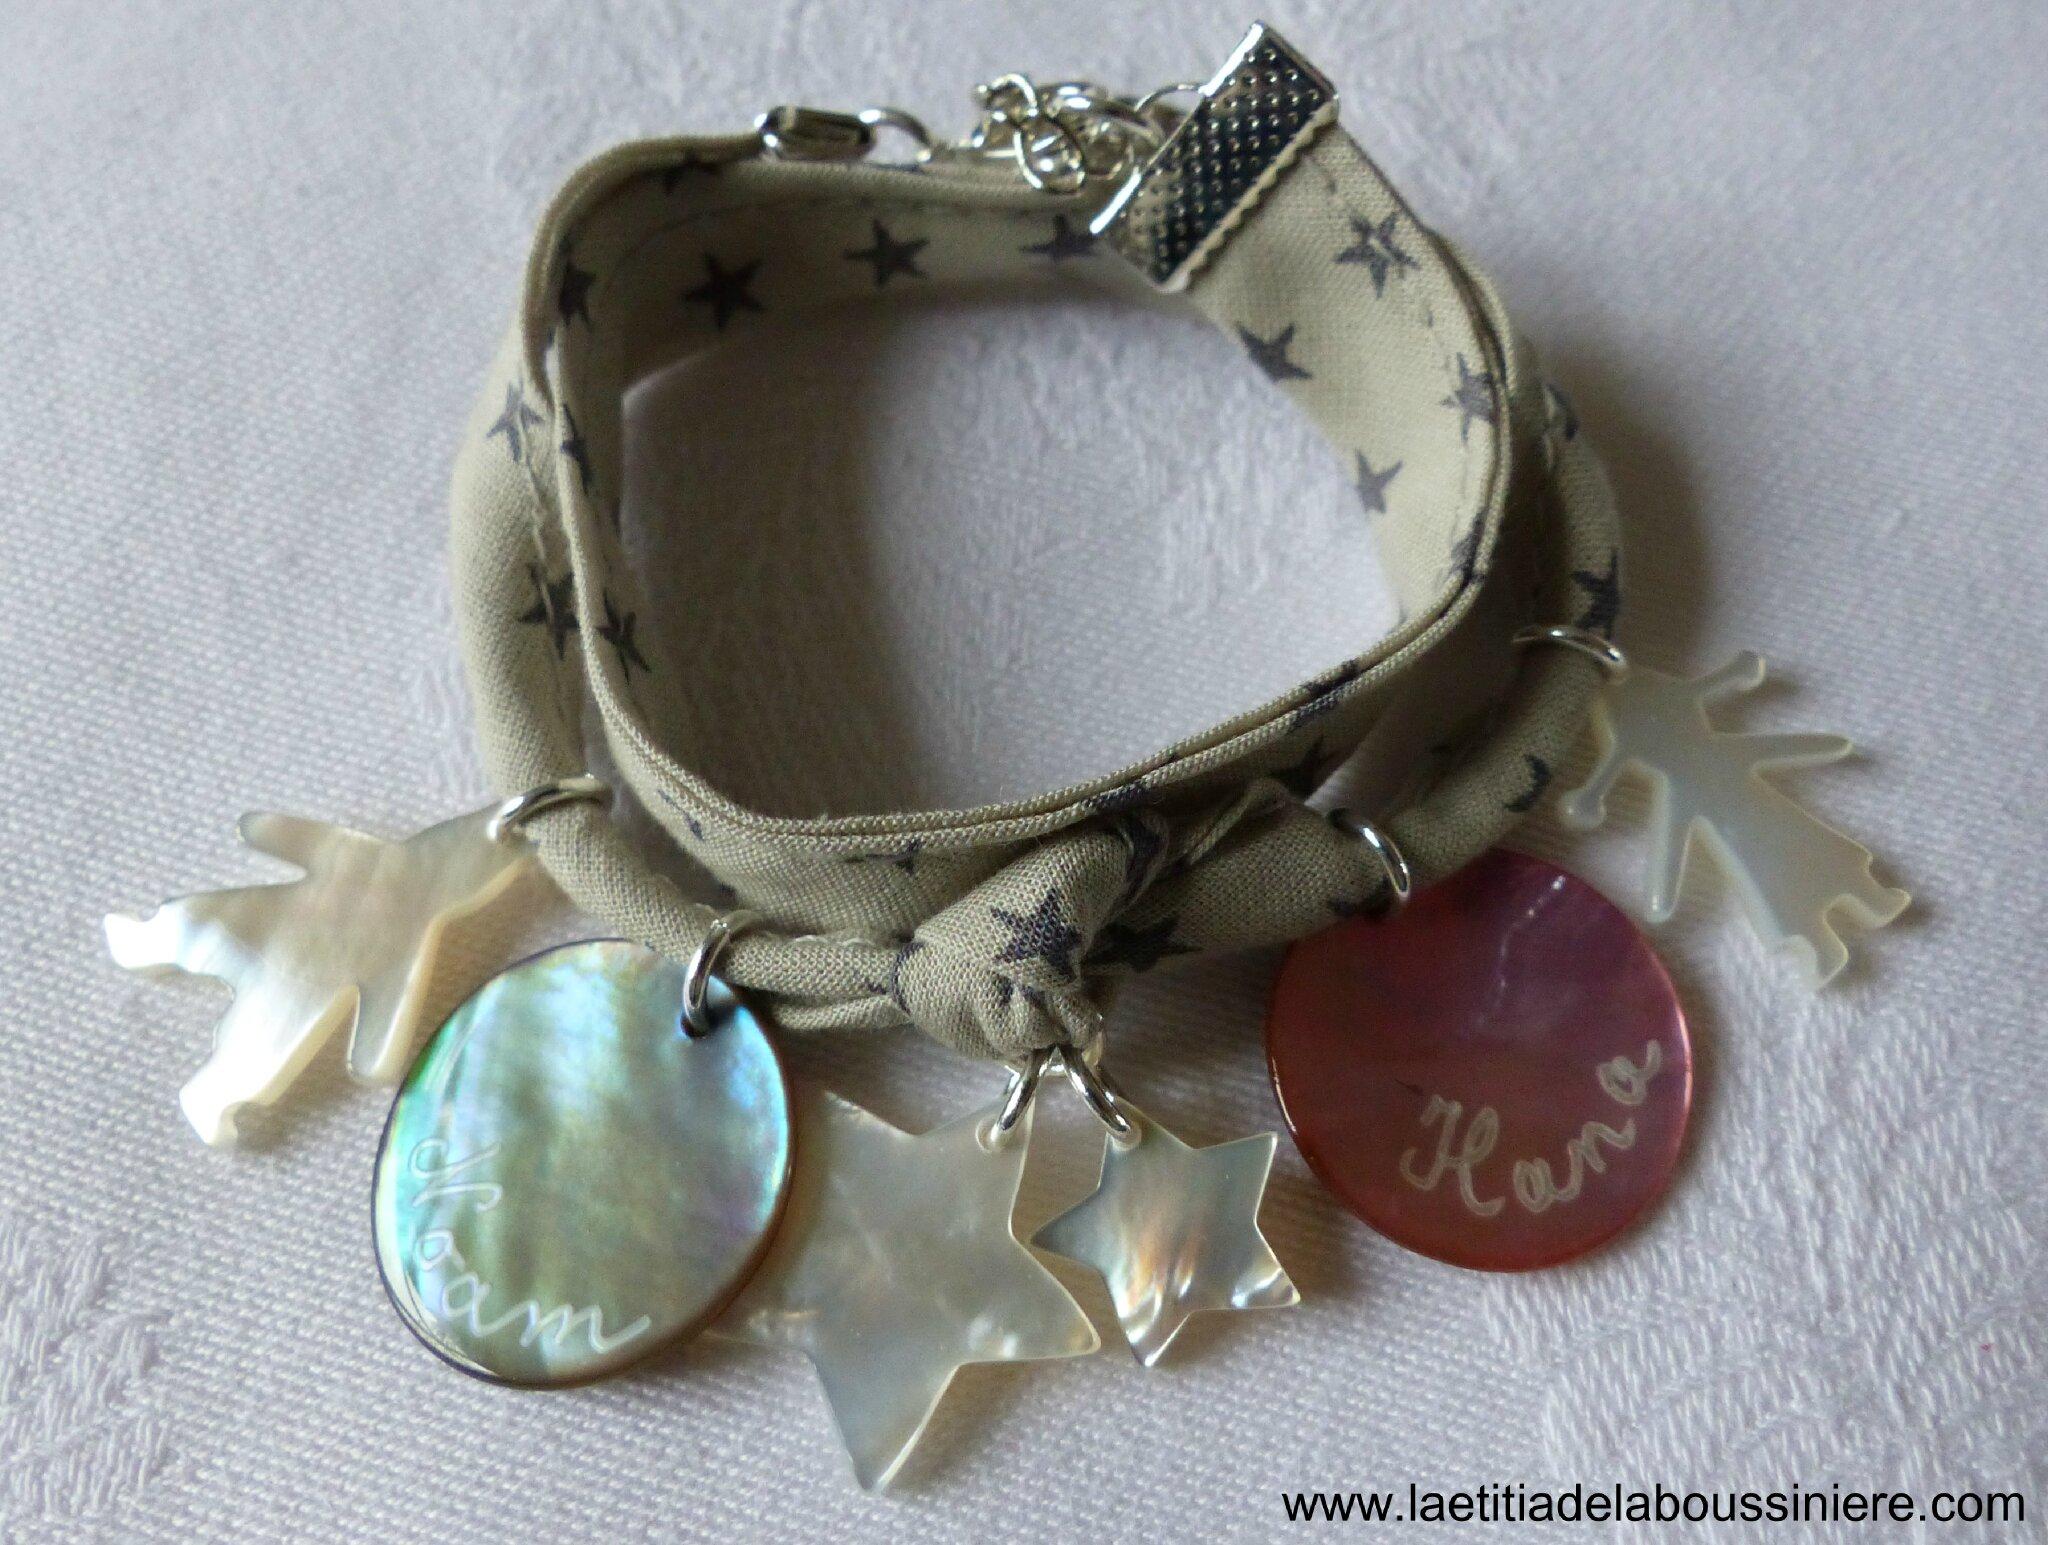 Bracelet double tour médailles en nacre gravées et breloques en nacre